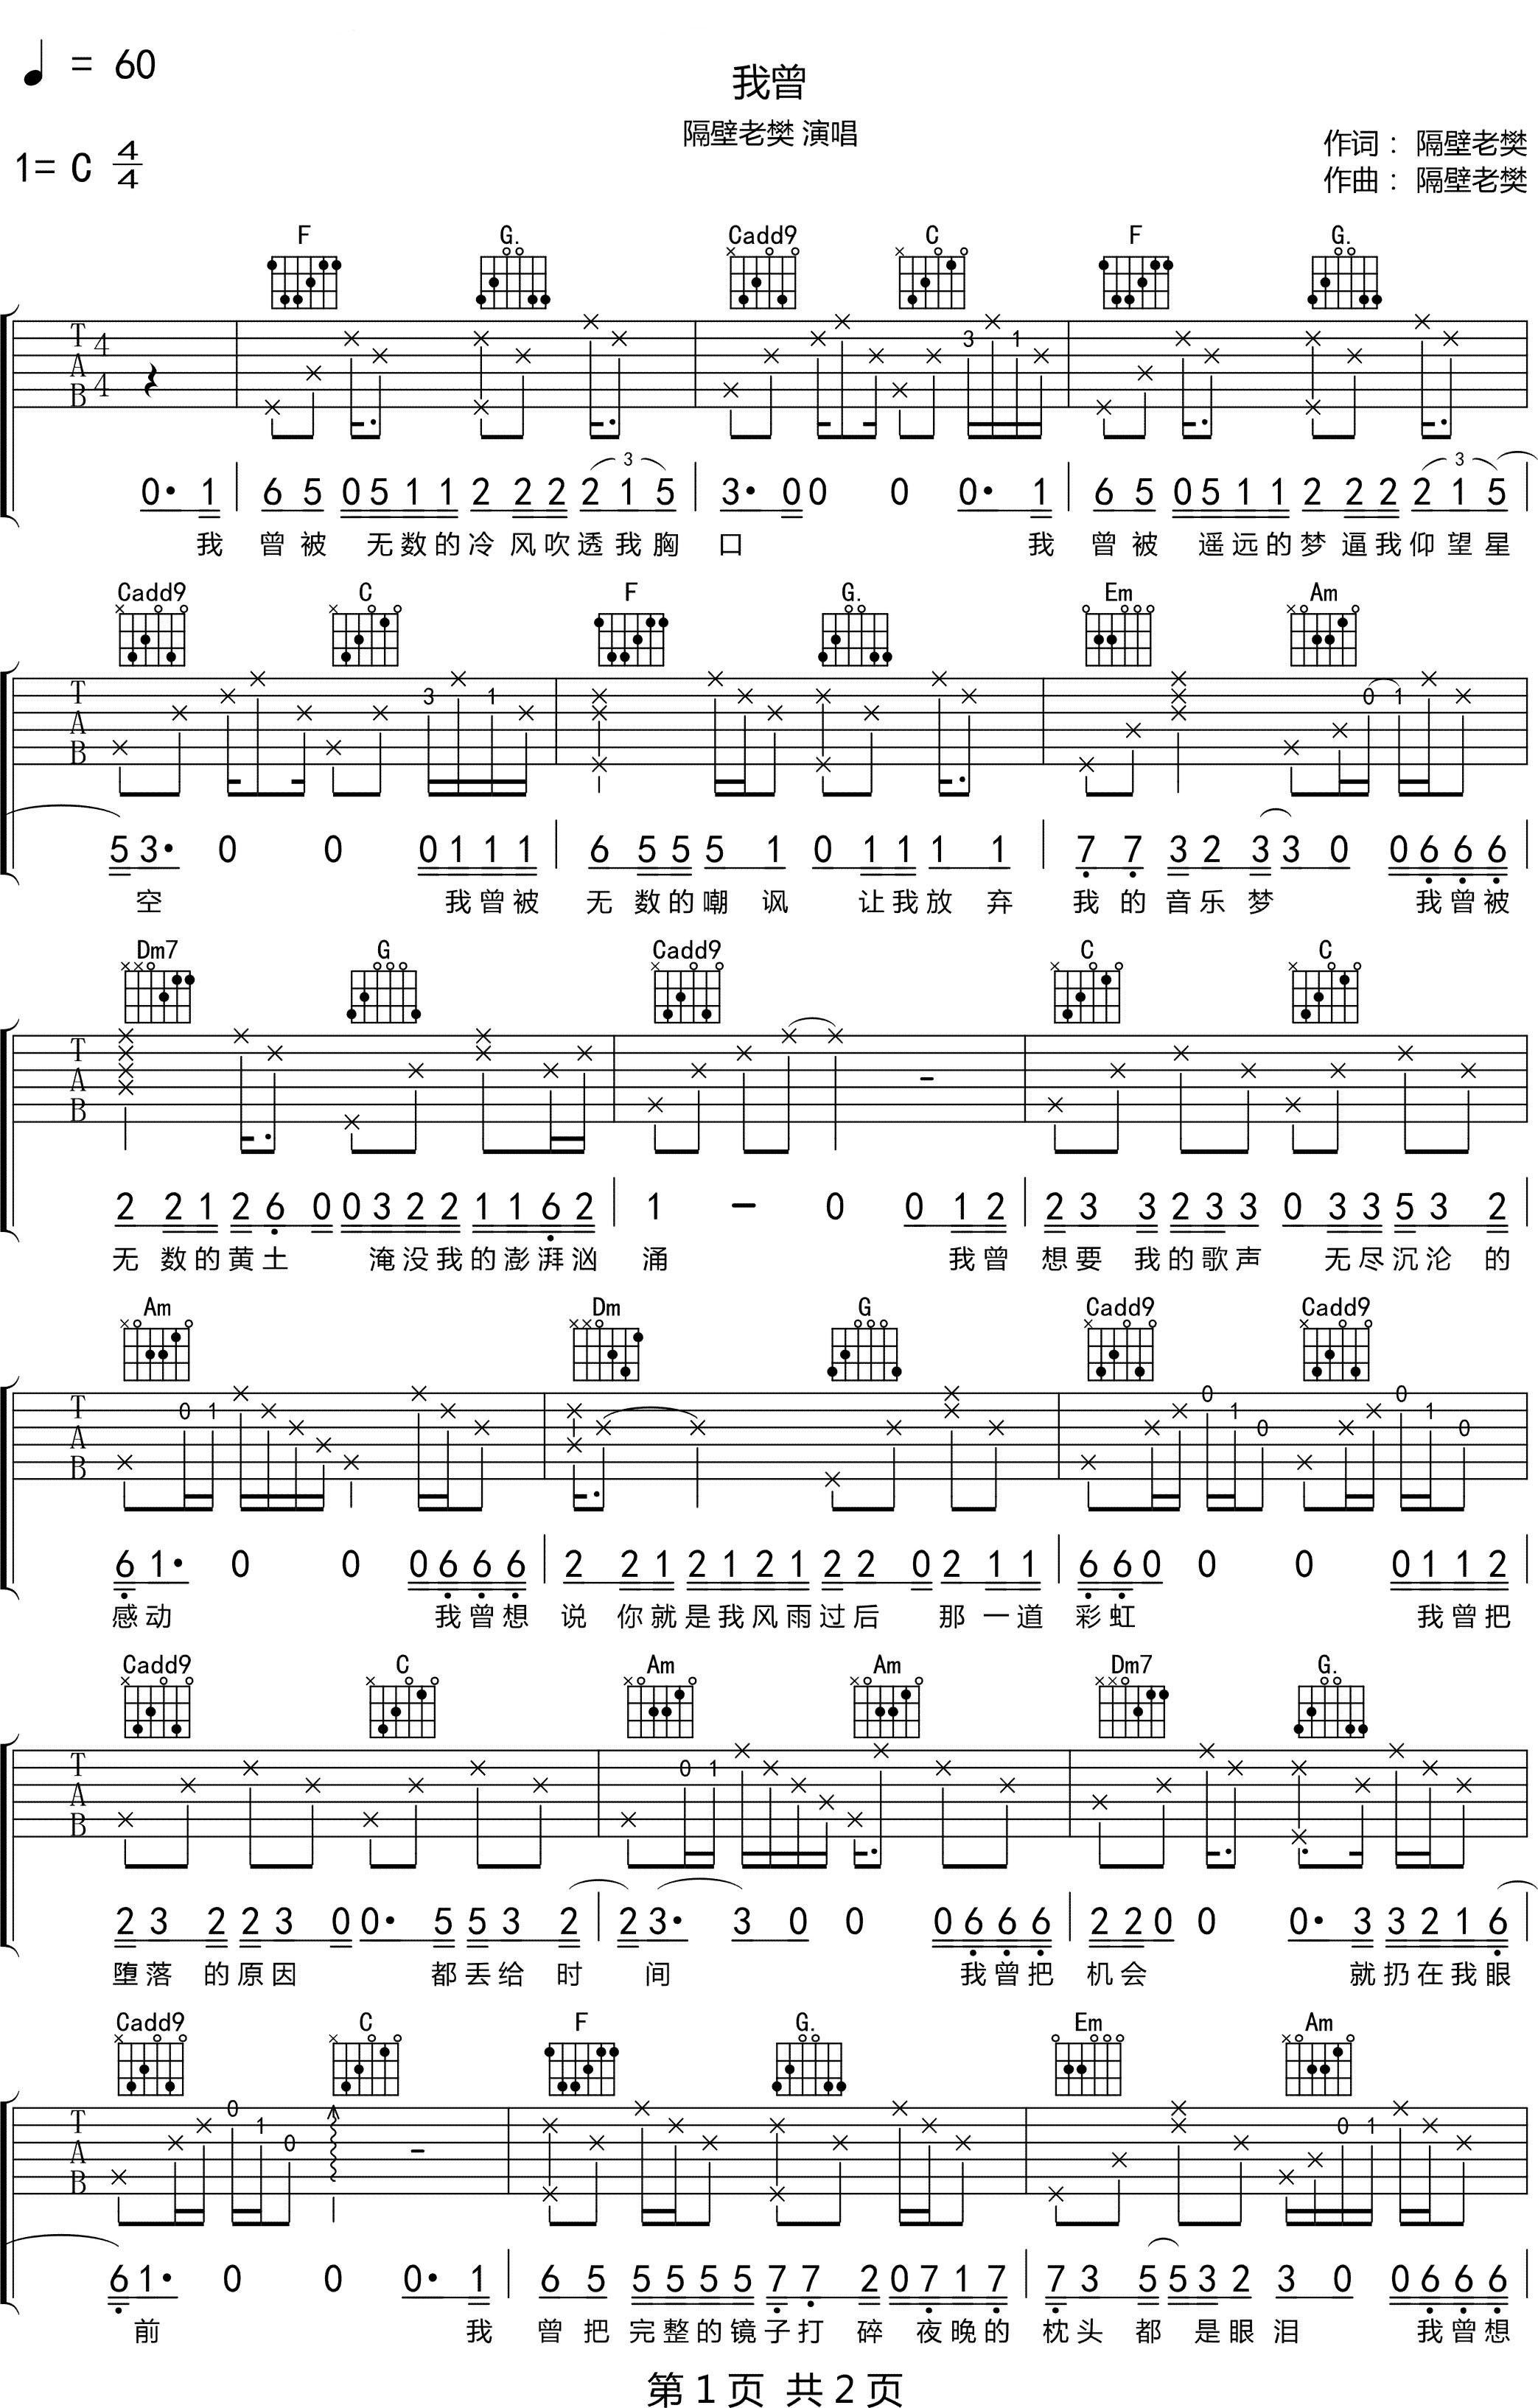 隔壁老樊《我曾》吉他谱 C调吉他弹唱谱1